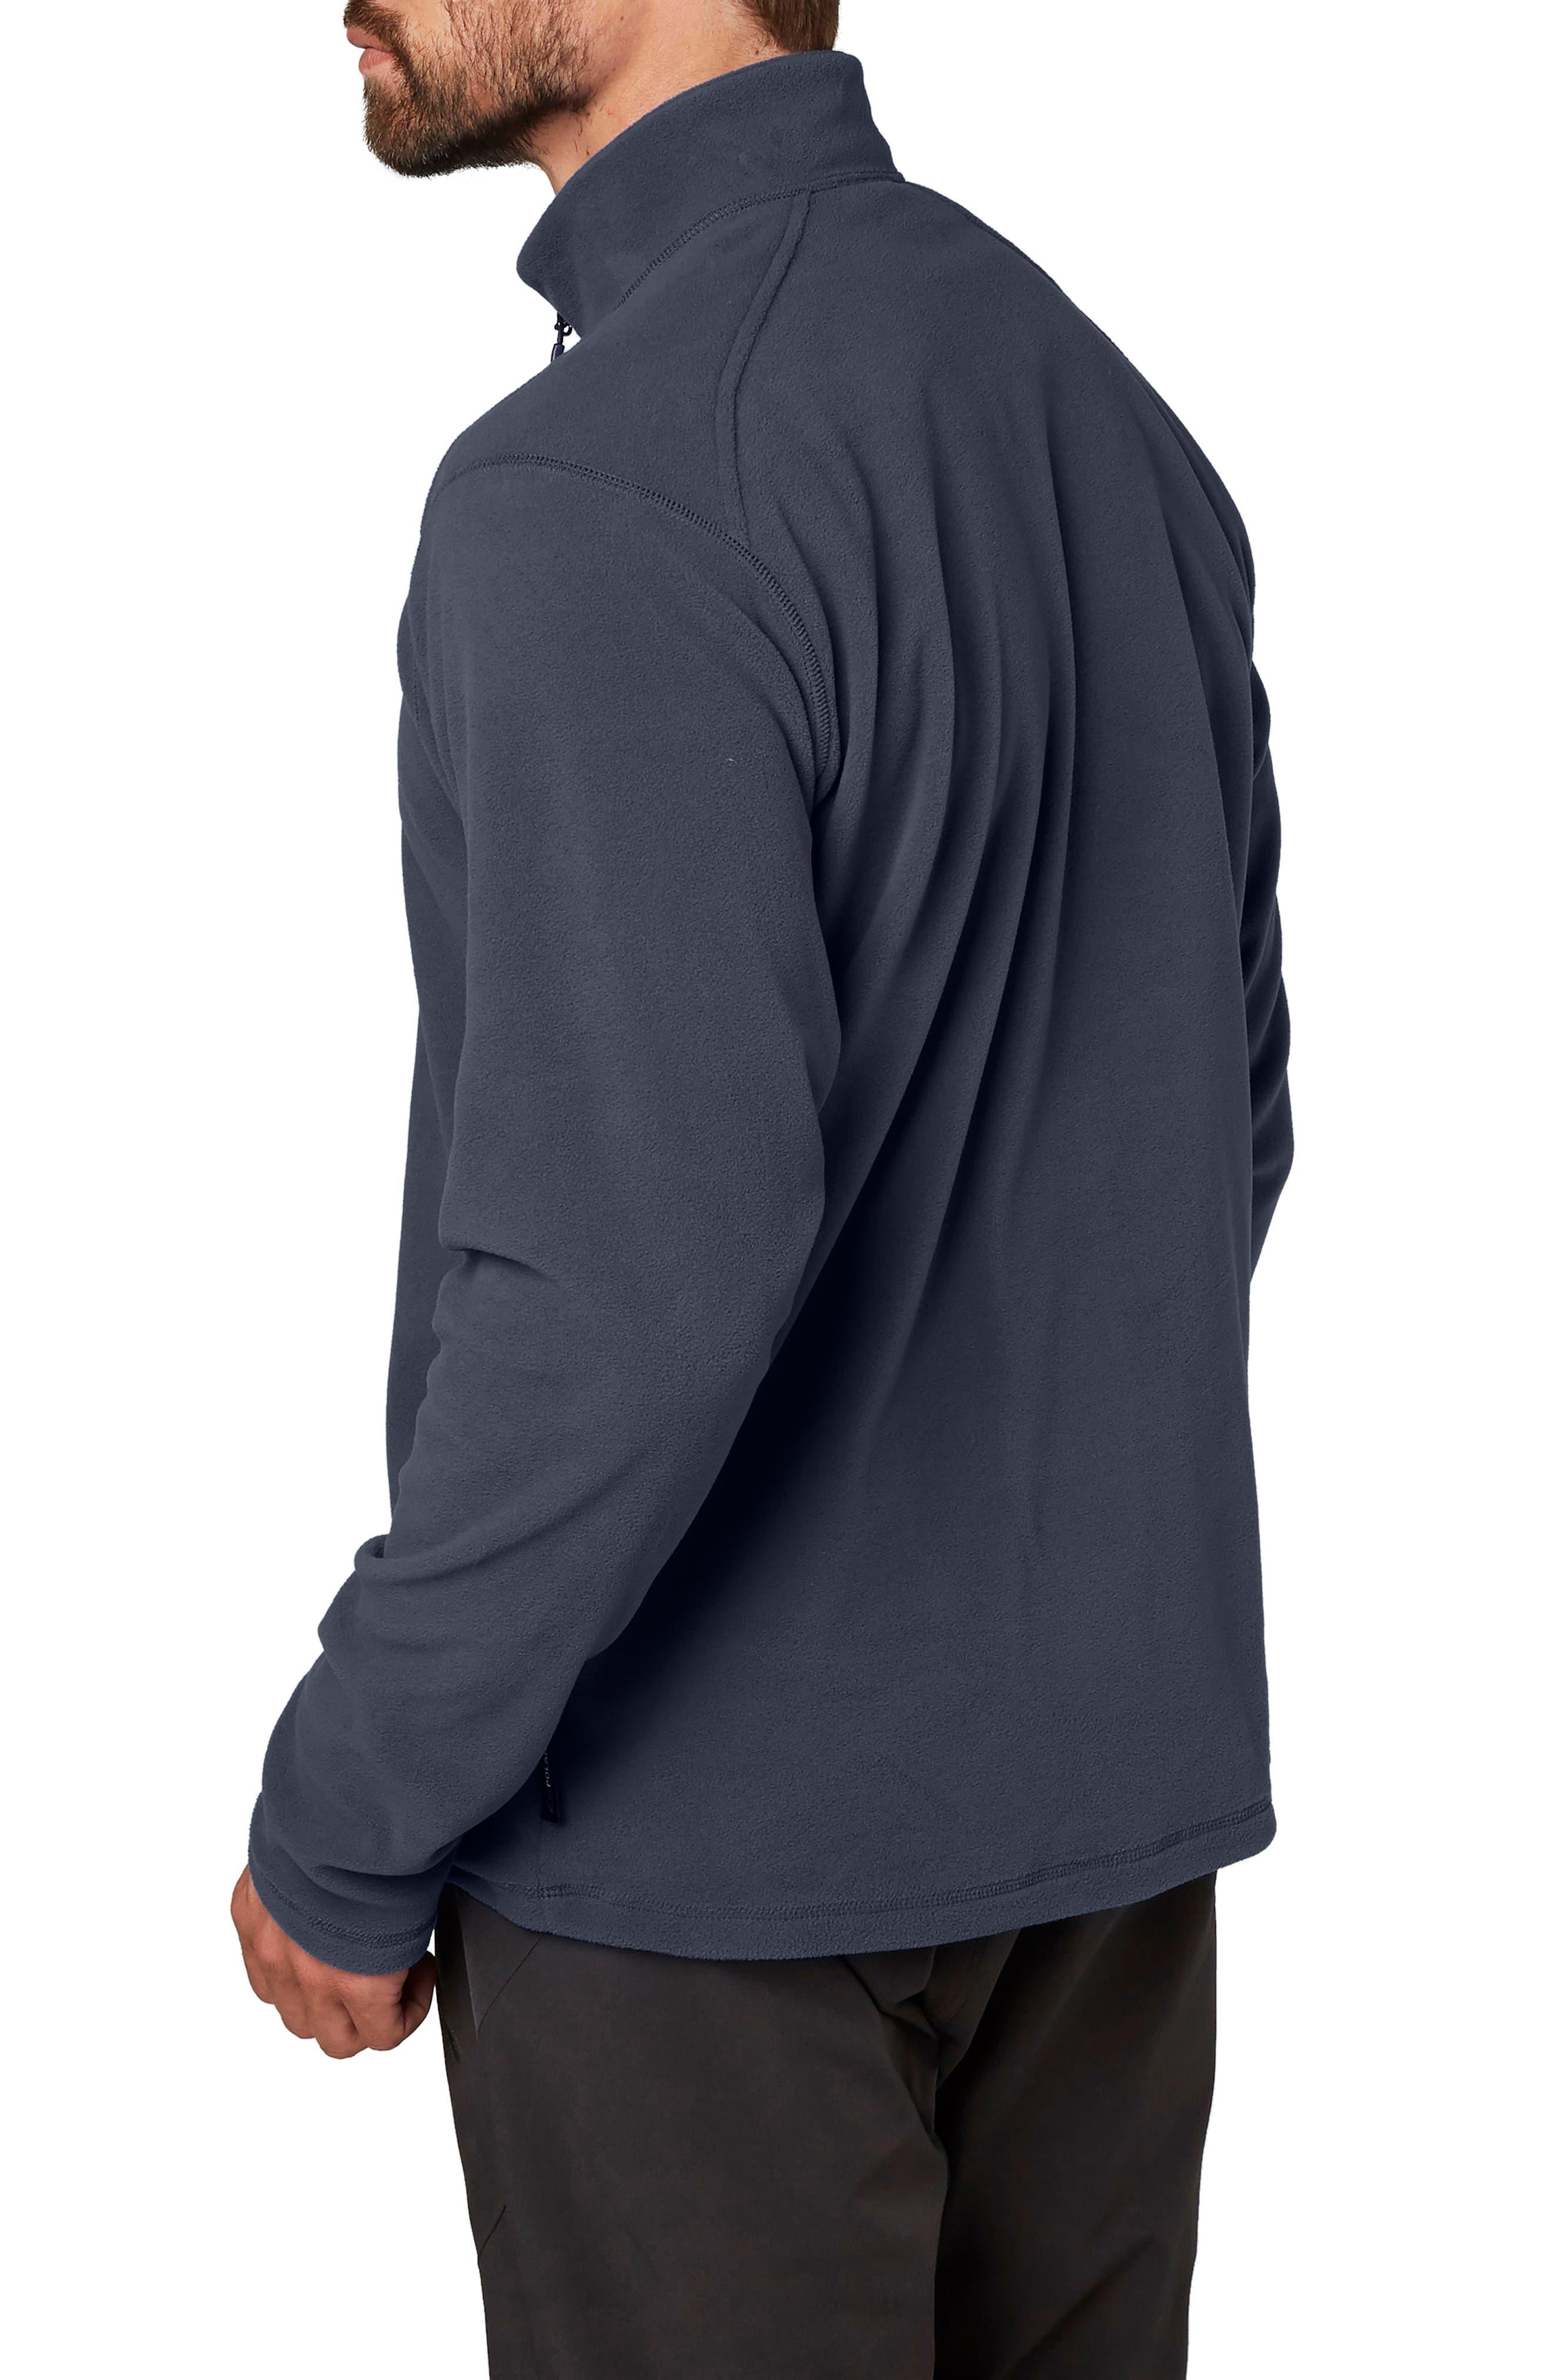 HellyHansen 'Daybreaker' Half Zip Fleece Jacket,                             Alternate thumbnail 2, color,                             400